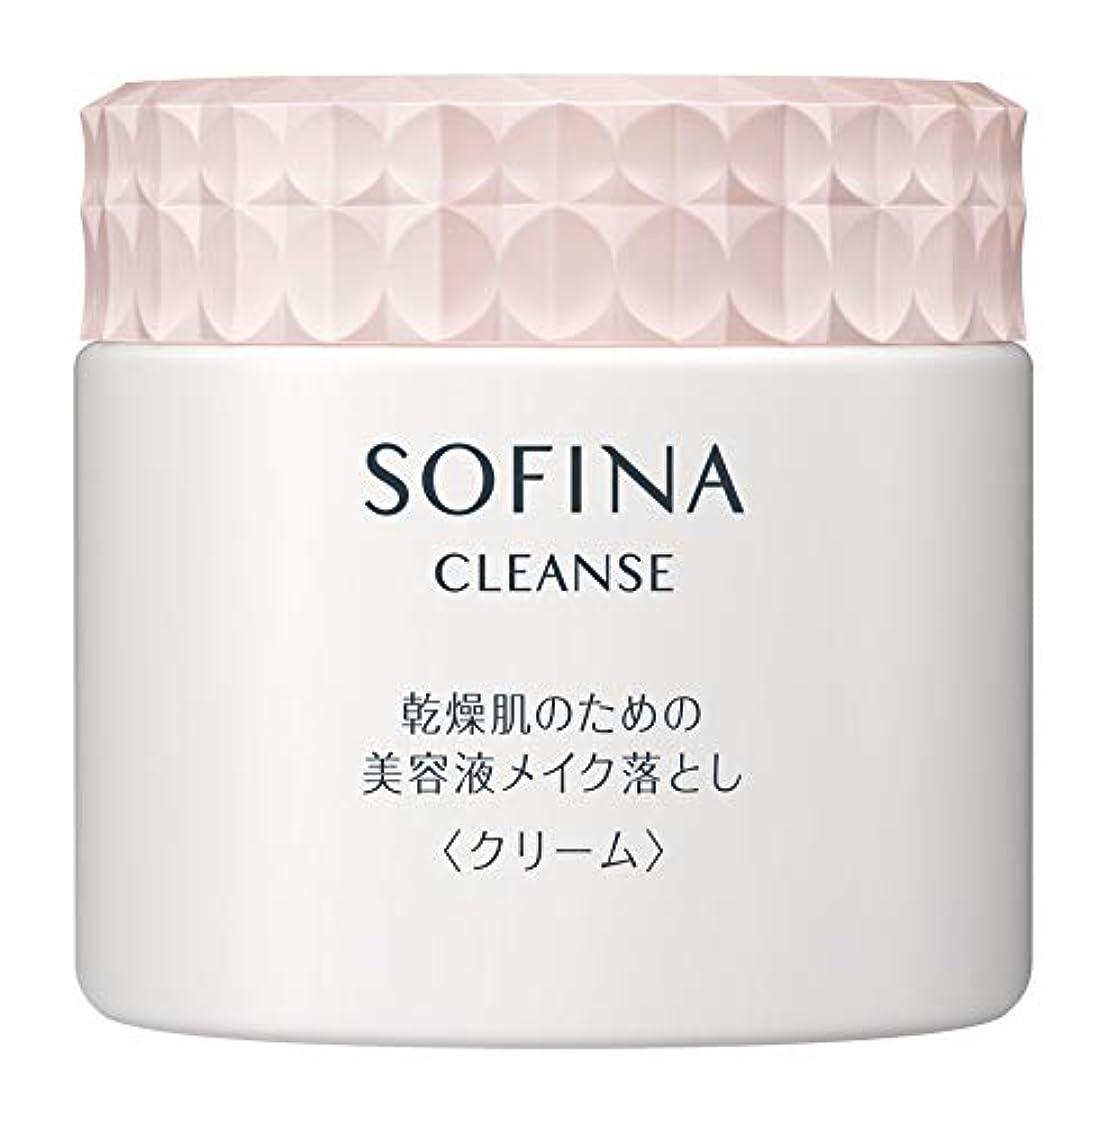 無関心冷凍庫観察するソフィーナ 乾燥肌のための美容液メイク落とし クリーム 200g